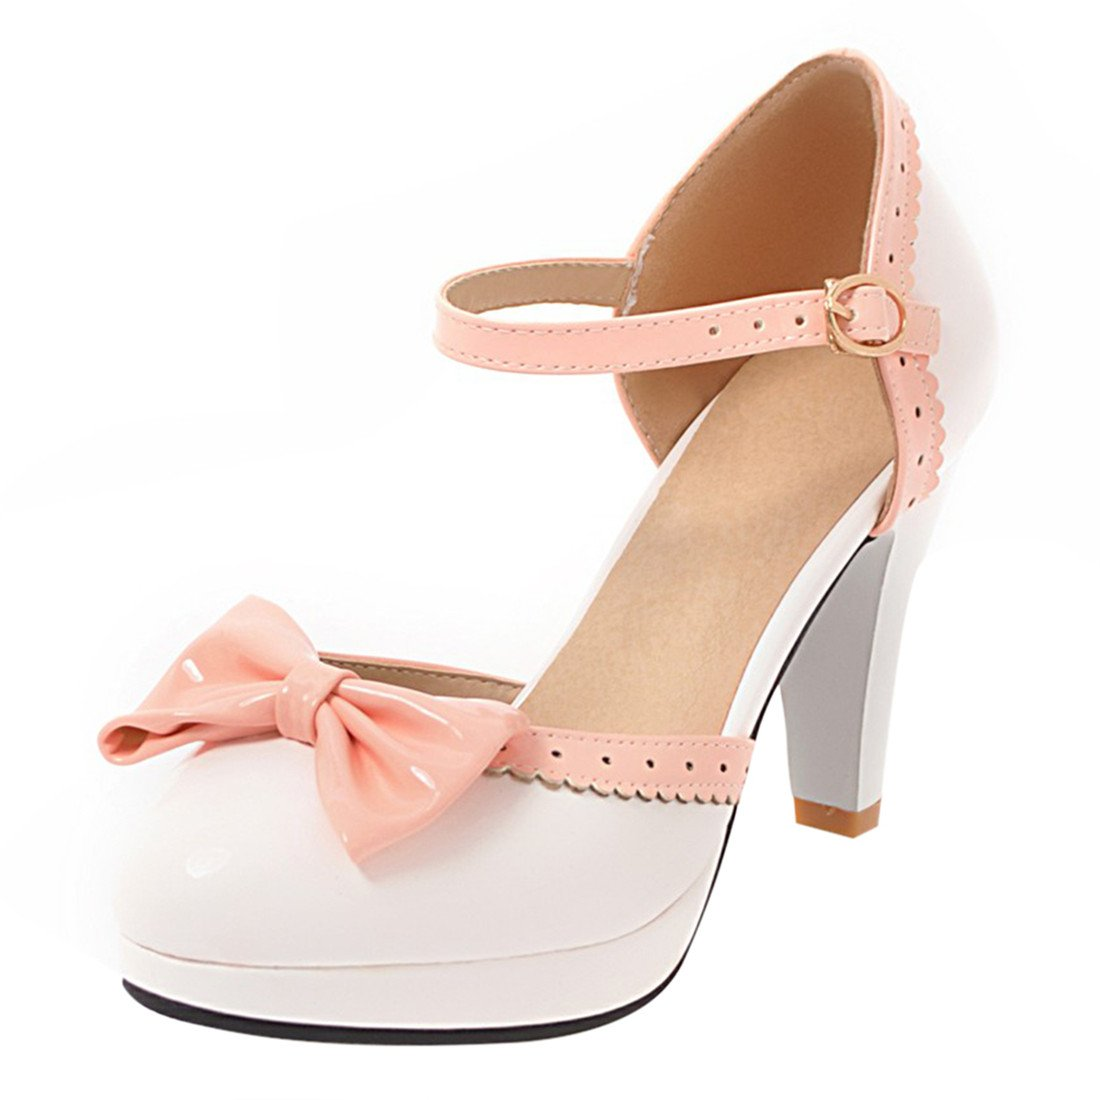 YE Damen Ankle Strap Pumps Rockabilly Lack High Heels Blockabsatz Geschlossen mit Riemchen und Schleife Elegant Süß Schuhe  36 EU|Wei?